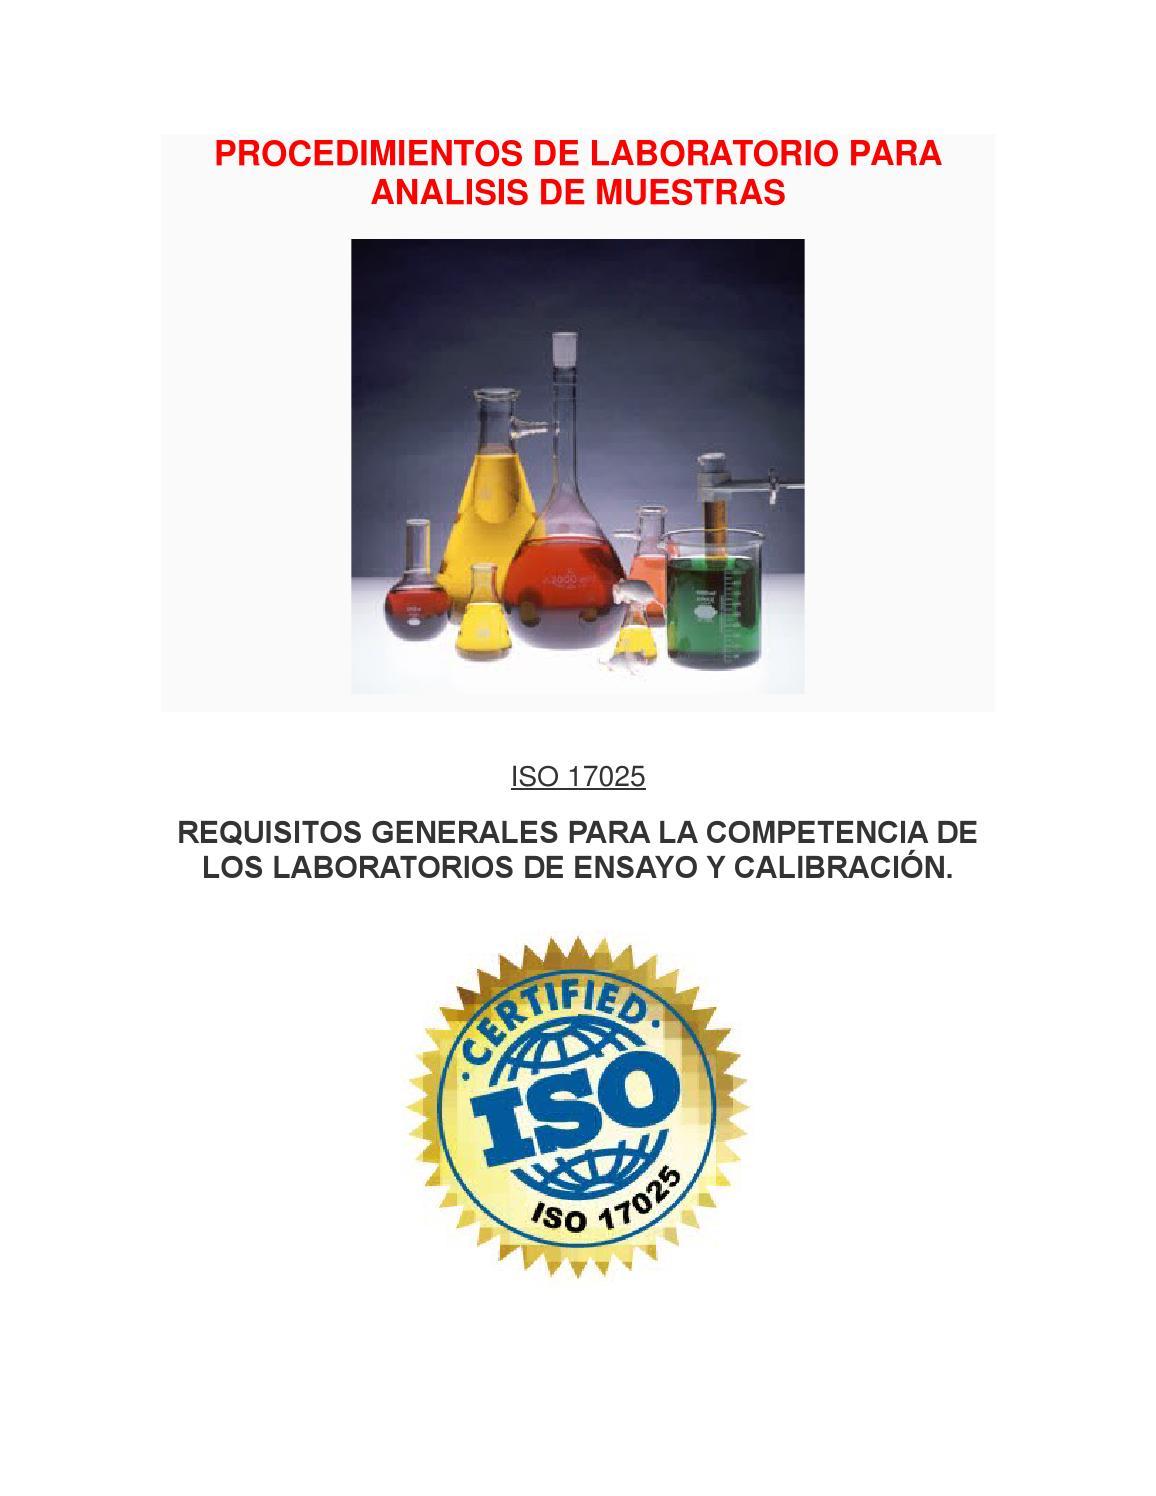 Procedimientos de laboratorio para analisis de muestras by alexssa12 ...